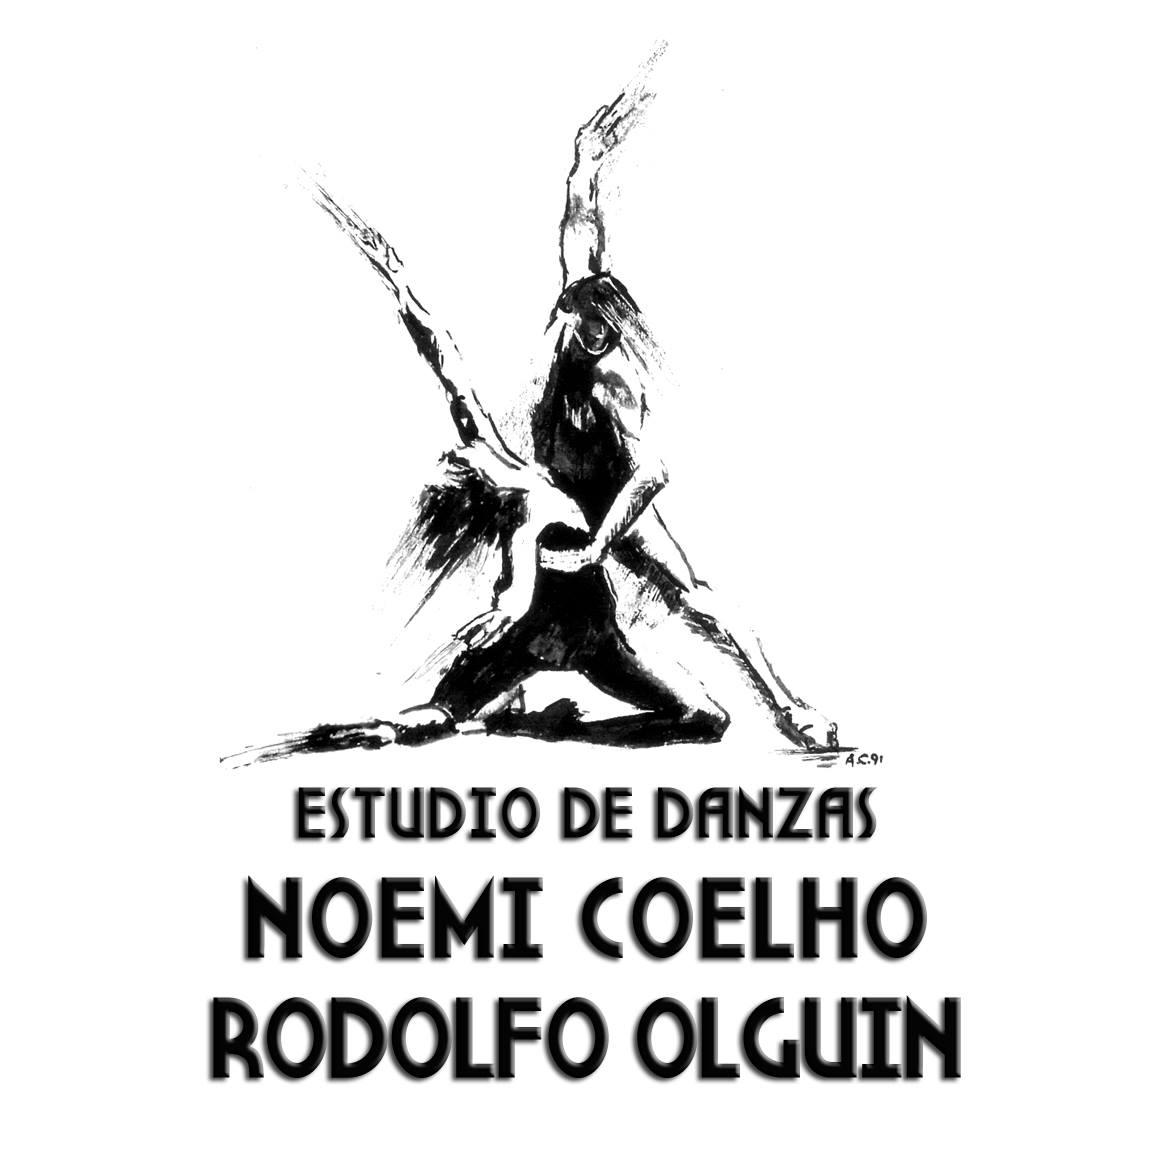 Noemi Coelho – Rodolfo Olguín